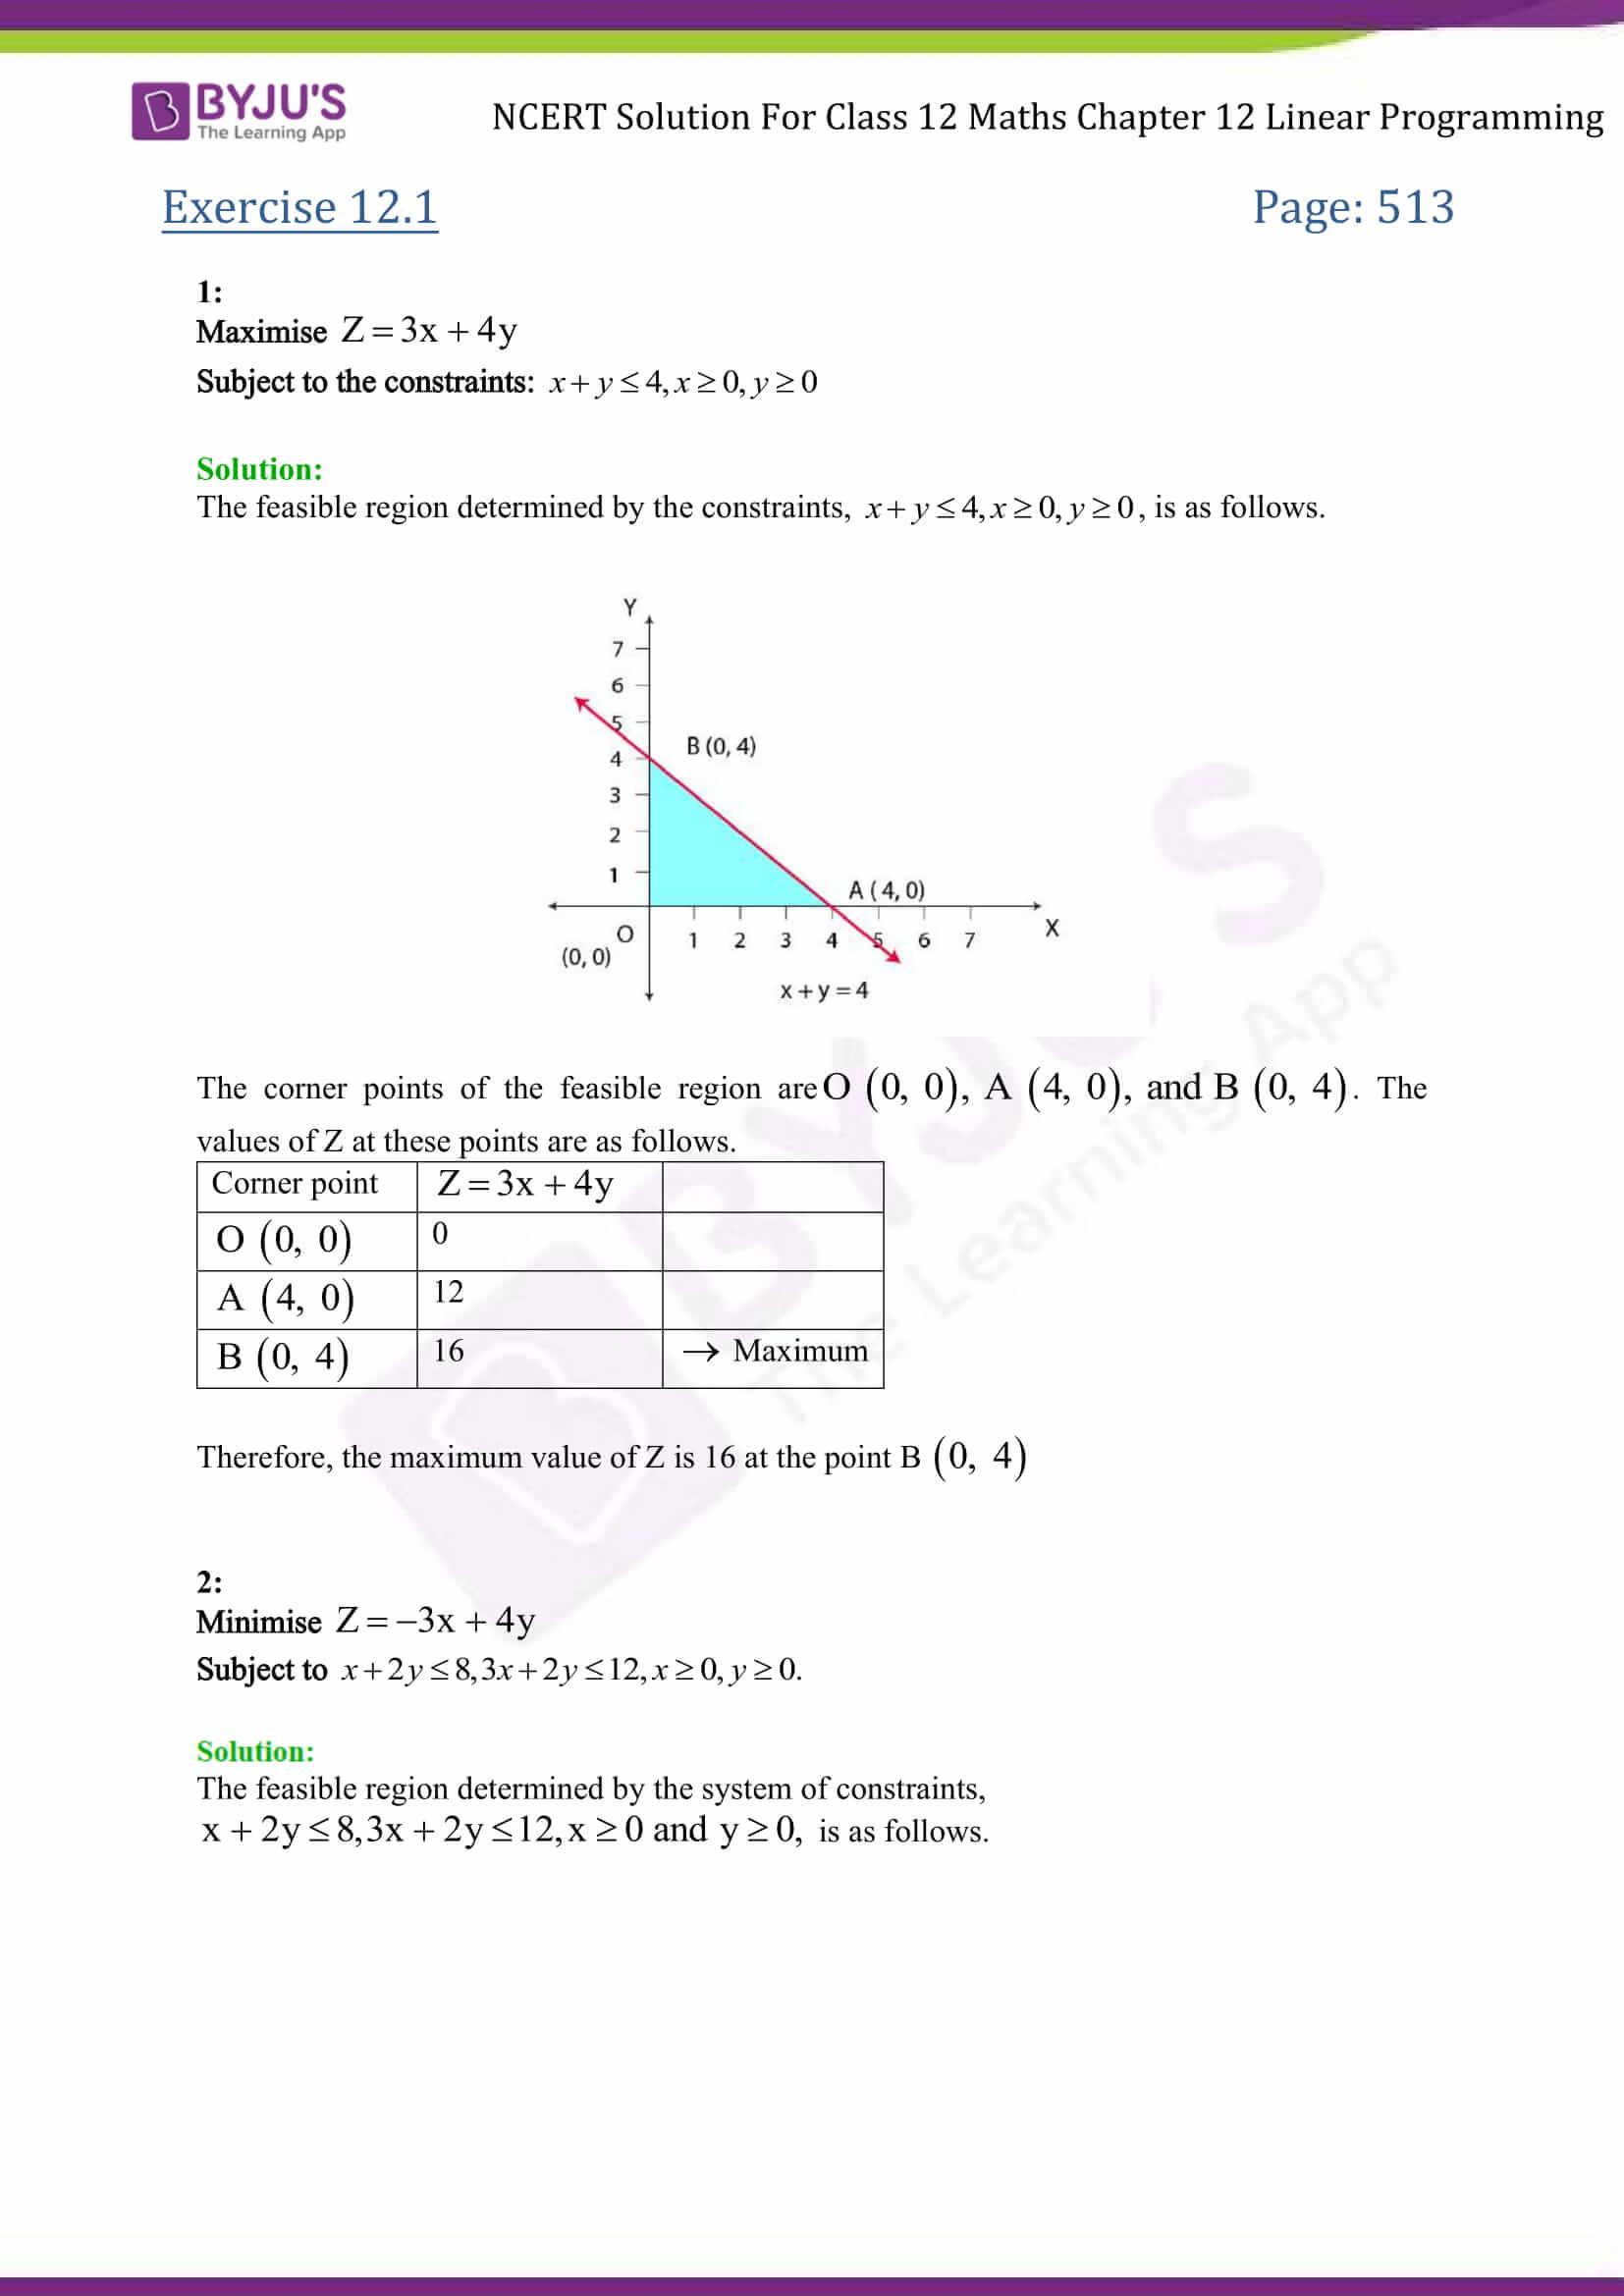 NCERT Solutions Class 12 Maths Chapter 12 Linear Programming